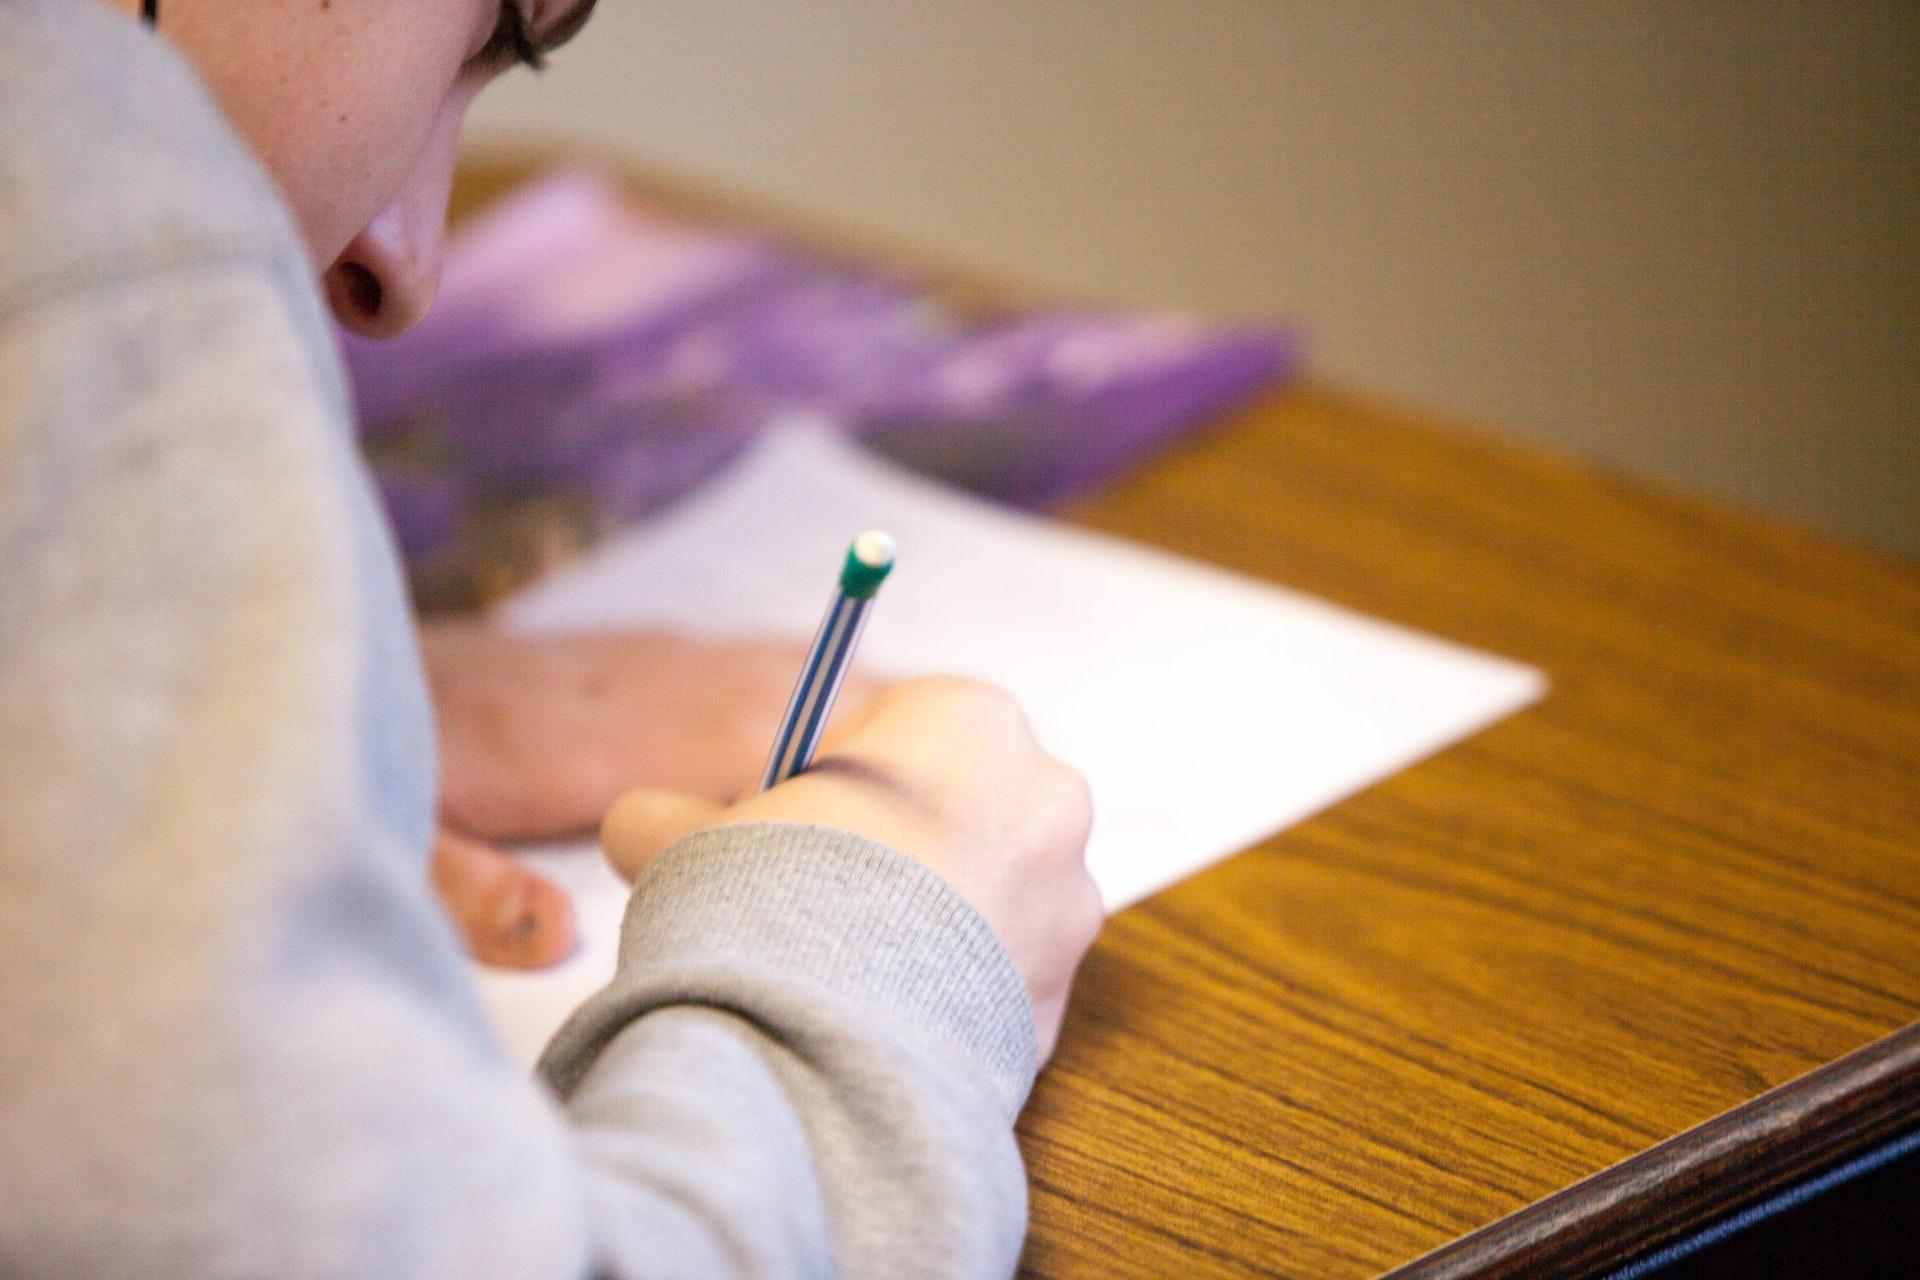 3 questões de Leitura do TOEFL comentadas